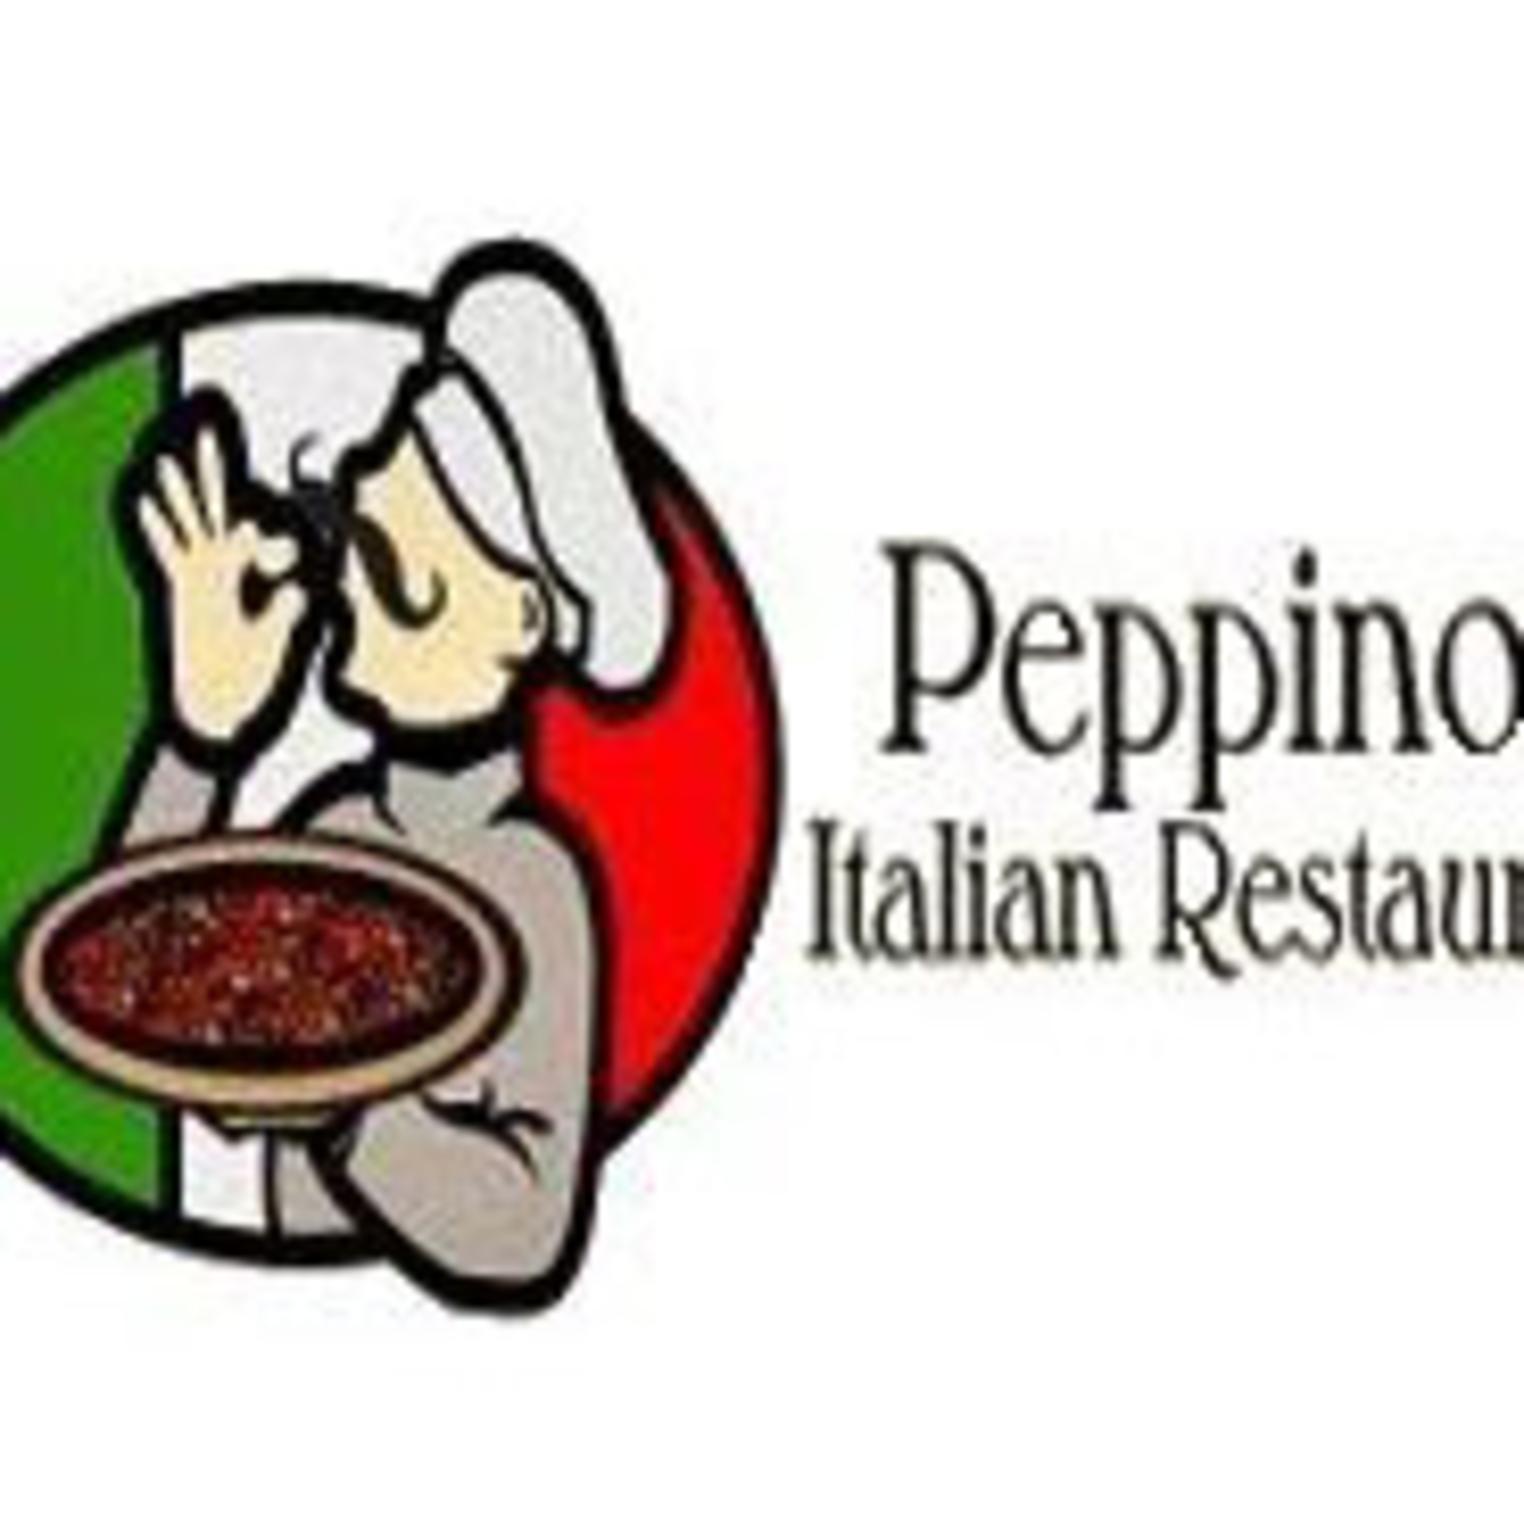 Peppino's Italian Restaurant